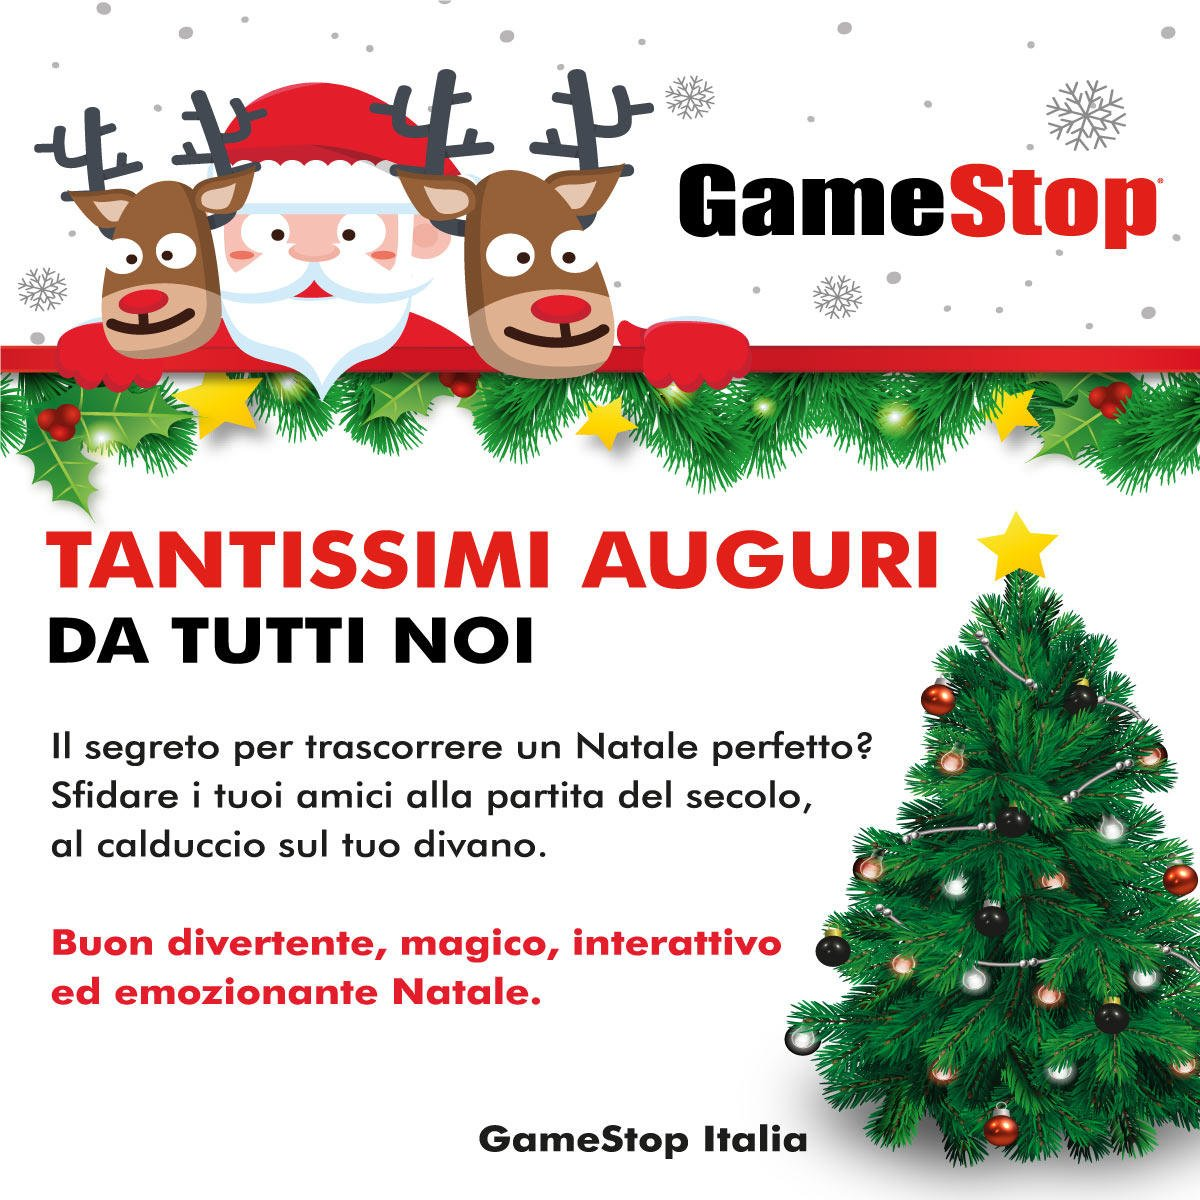 GameStop Italia on Twitter: \